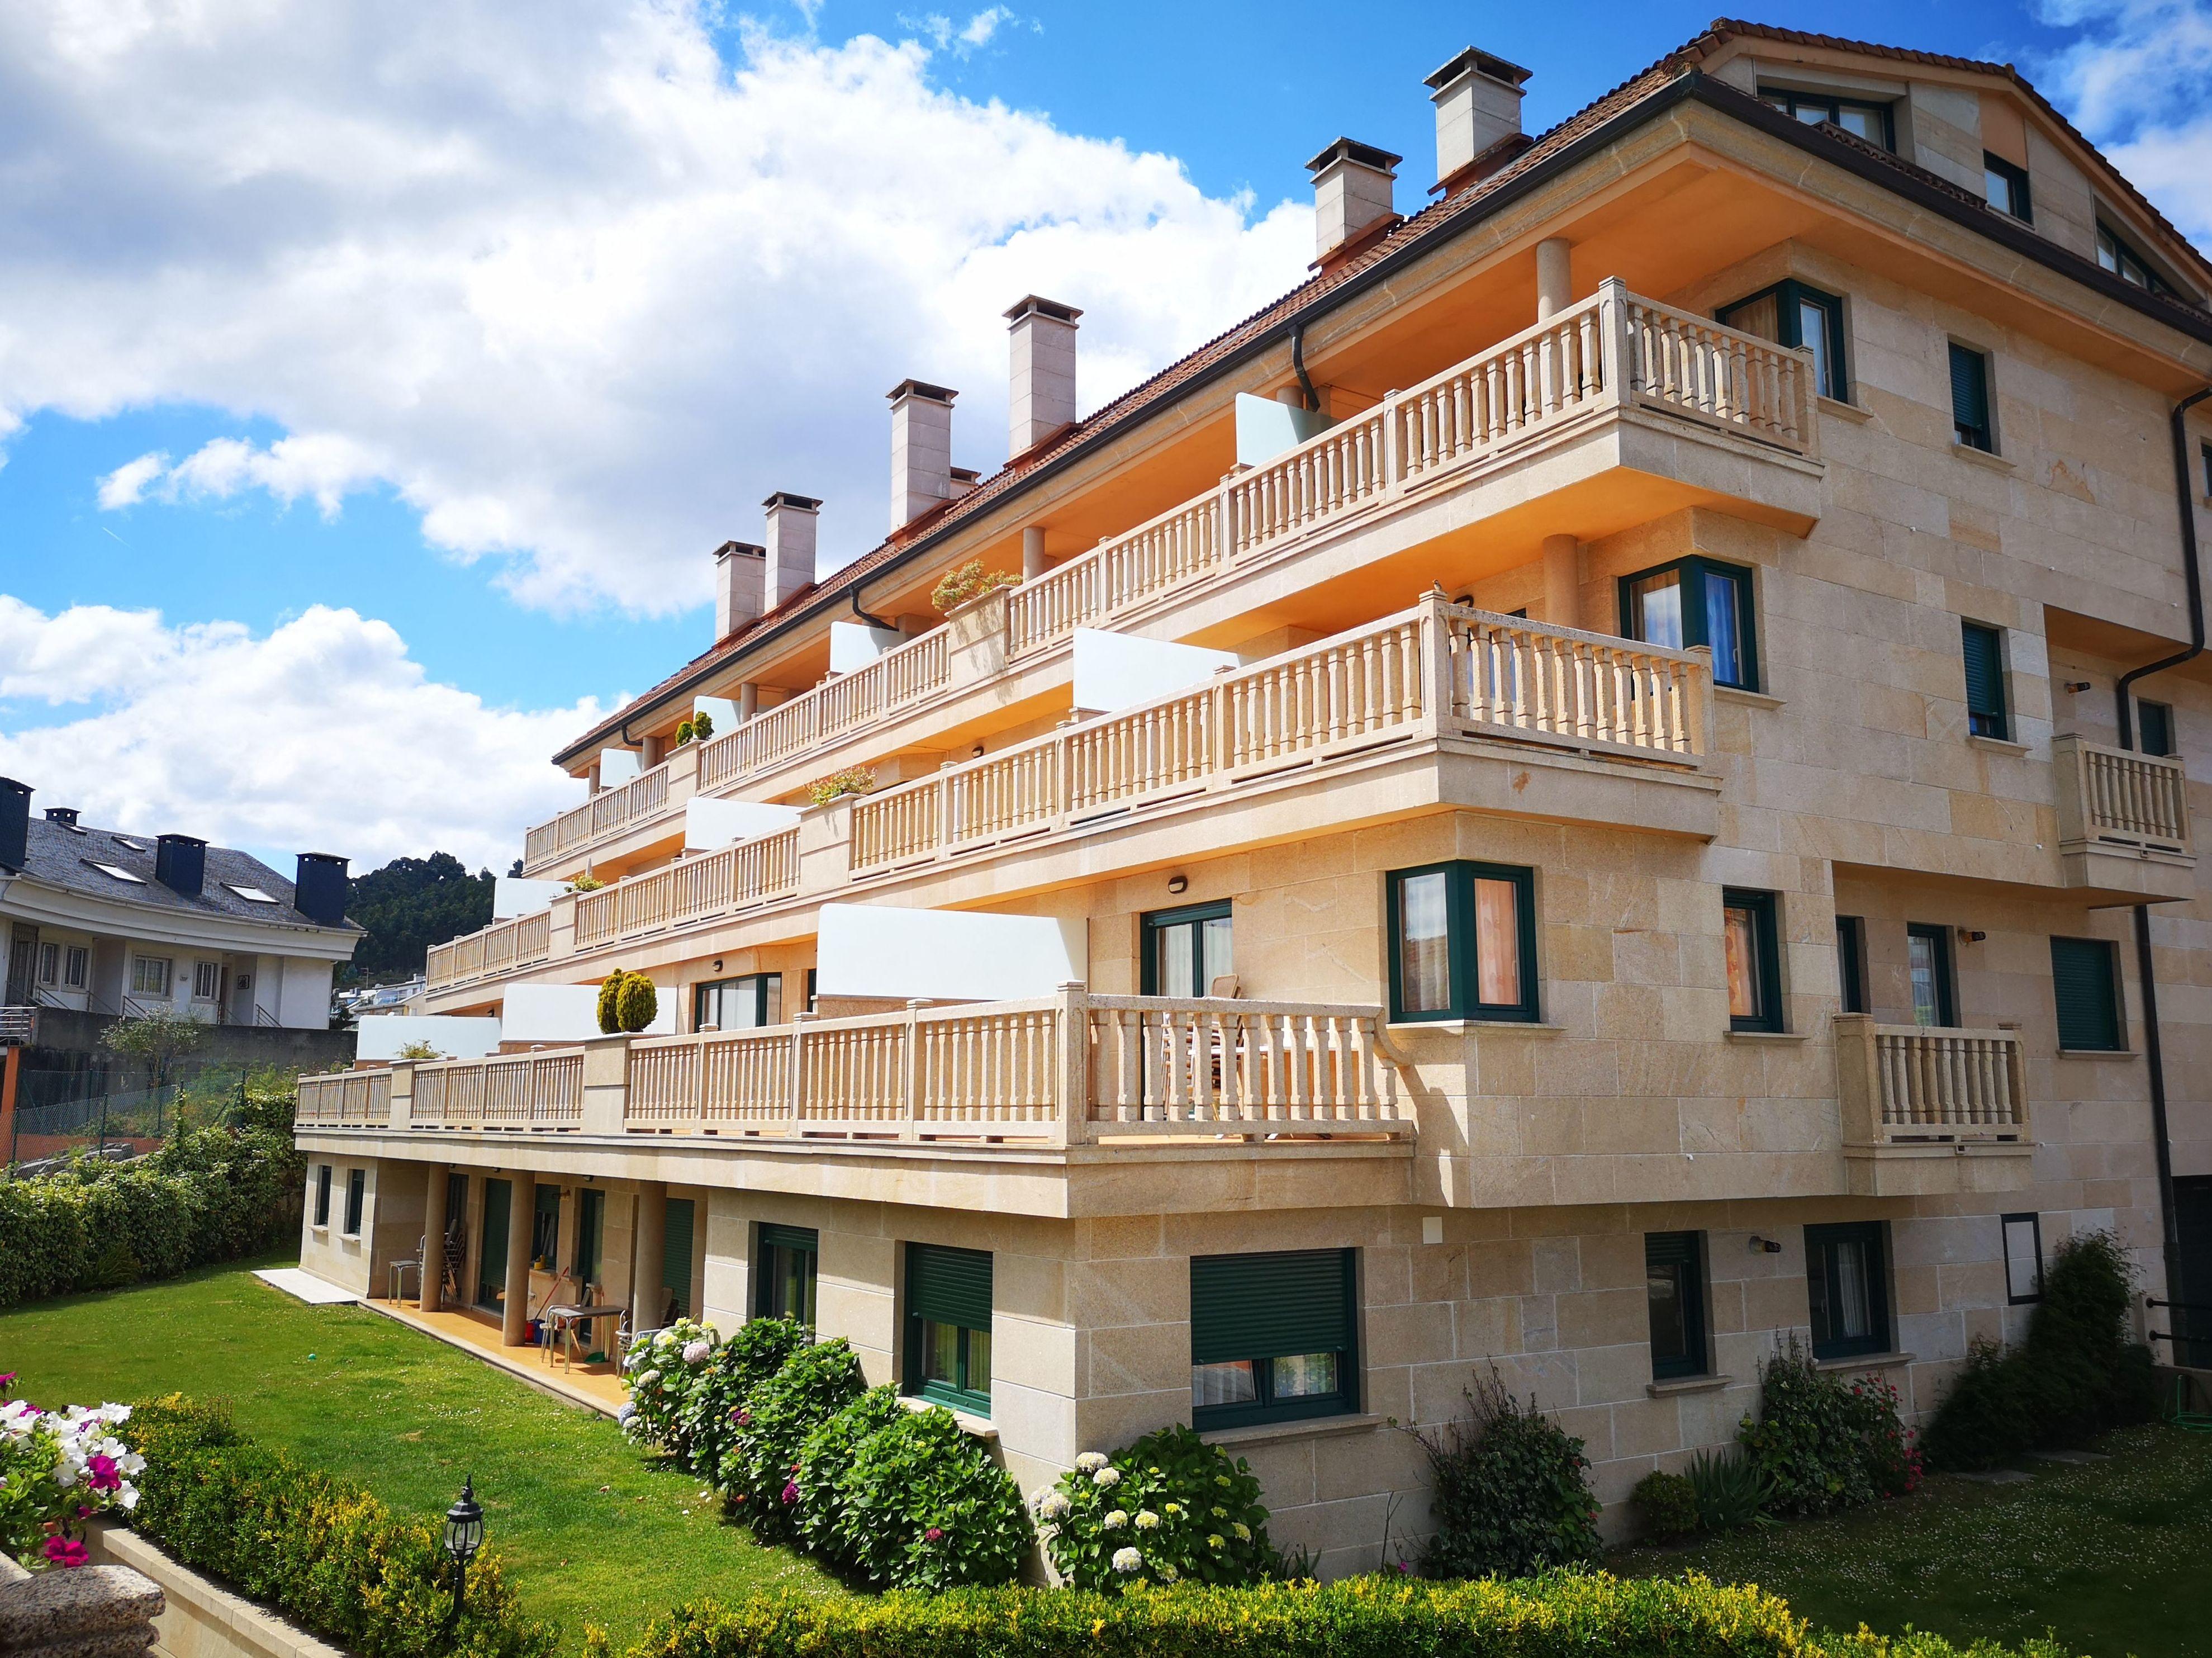 Foto 7 de Apartamentos y casas de alquiler en Bayona | Mirador Ría de Bayona